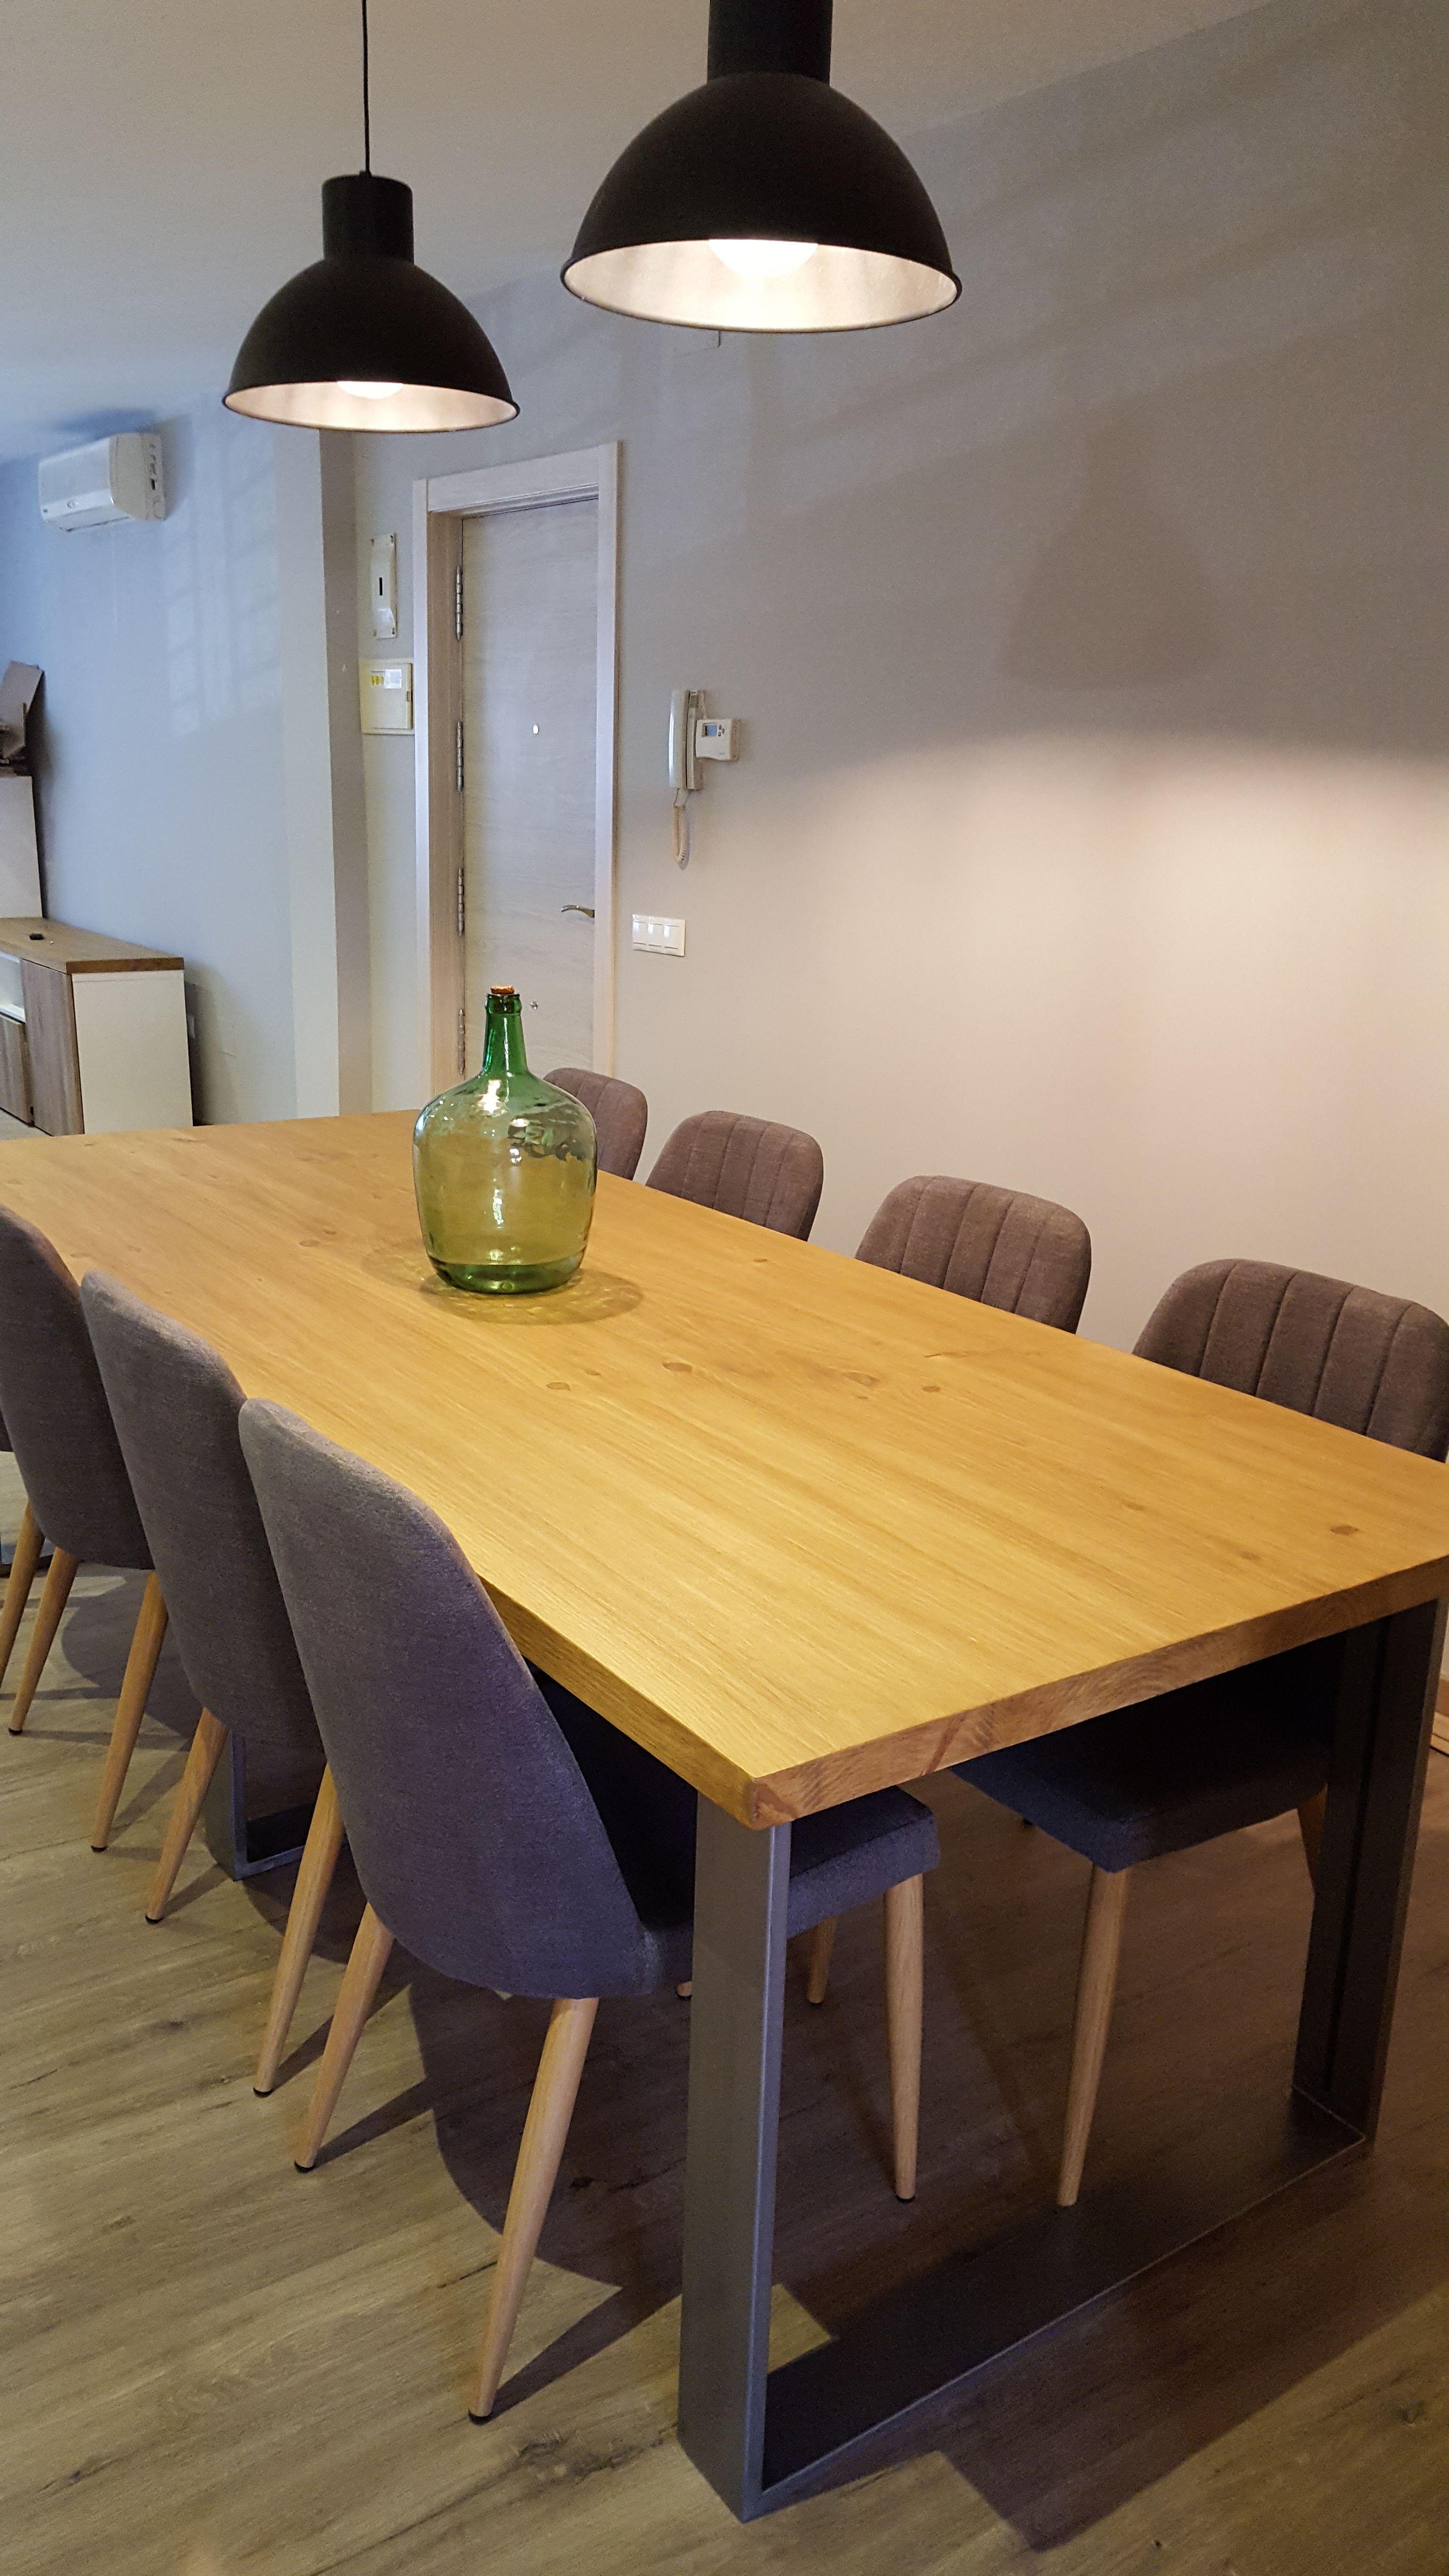 Mesa de comedor industrial en 2019 mesa de comedor for Muebles para comedores industriales